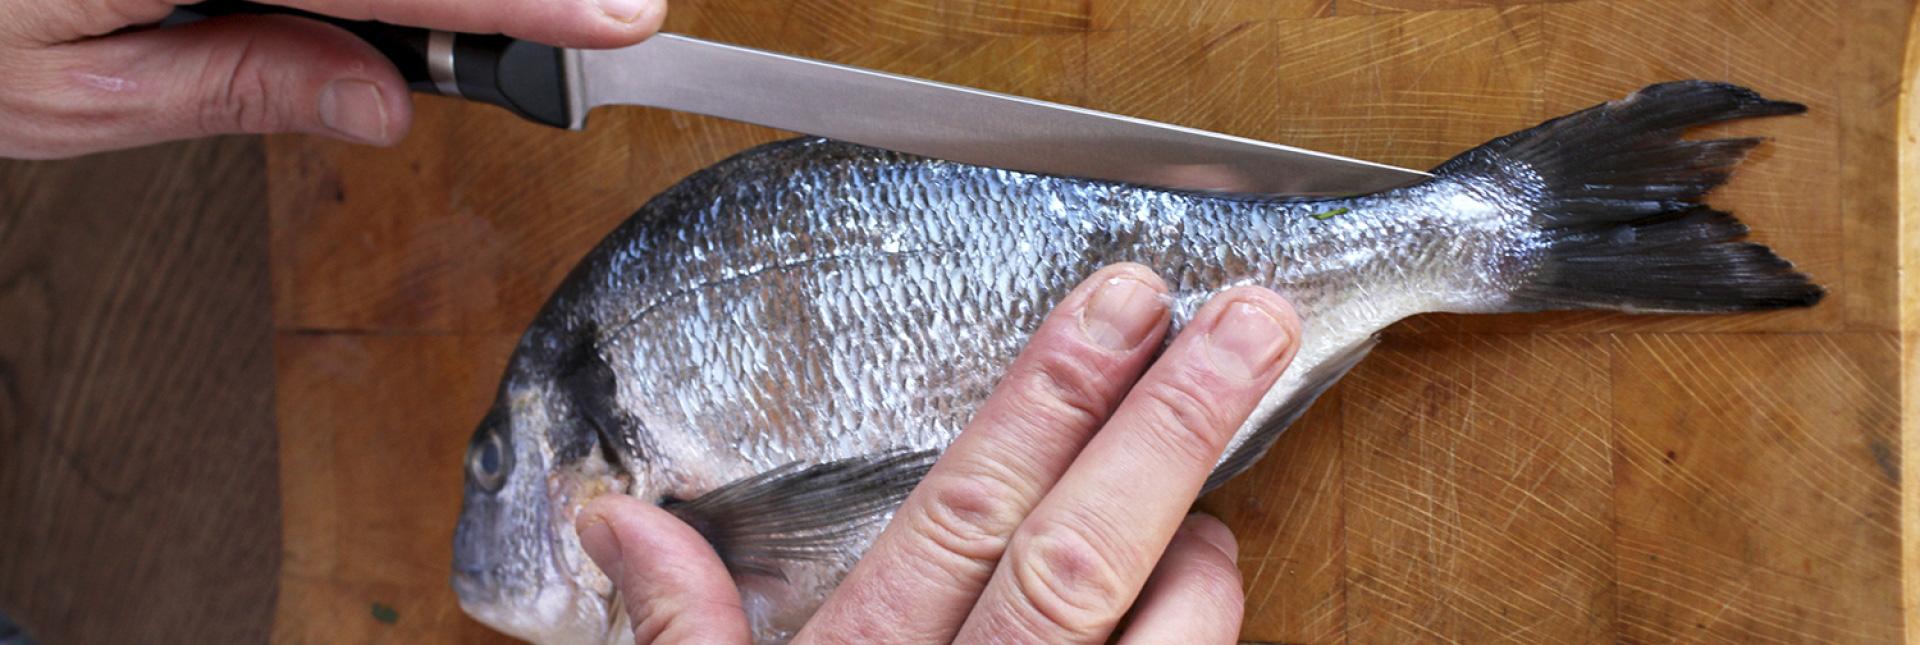 N°221: das Filet-MesserDie Produktpalette umfasst heute auch eine ganze Reihe an Küchenmessern, wie das Brotmesser N°216| Foto: opinel.com